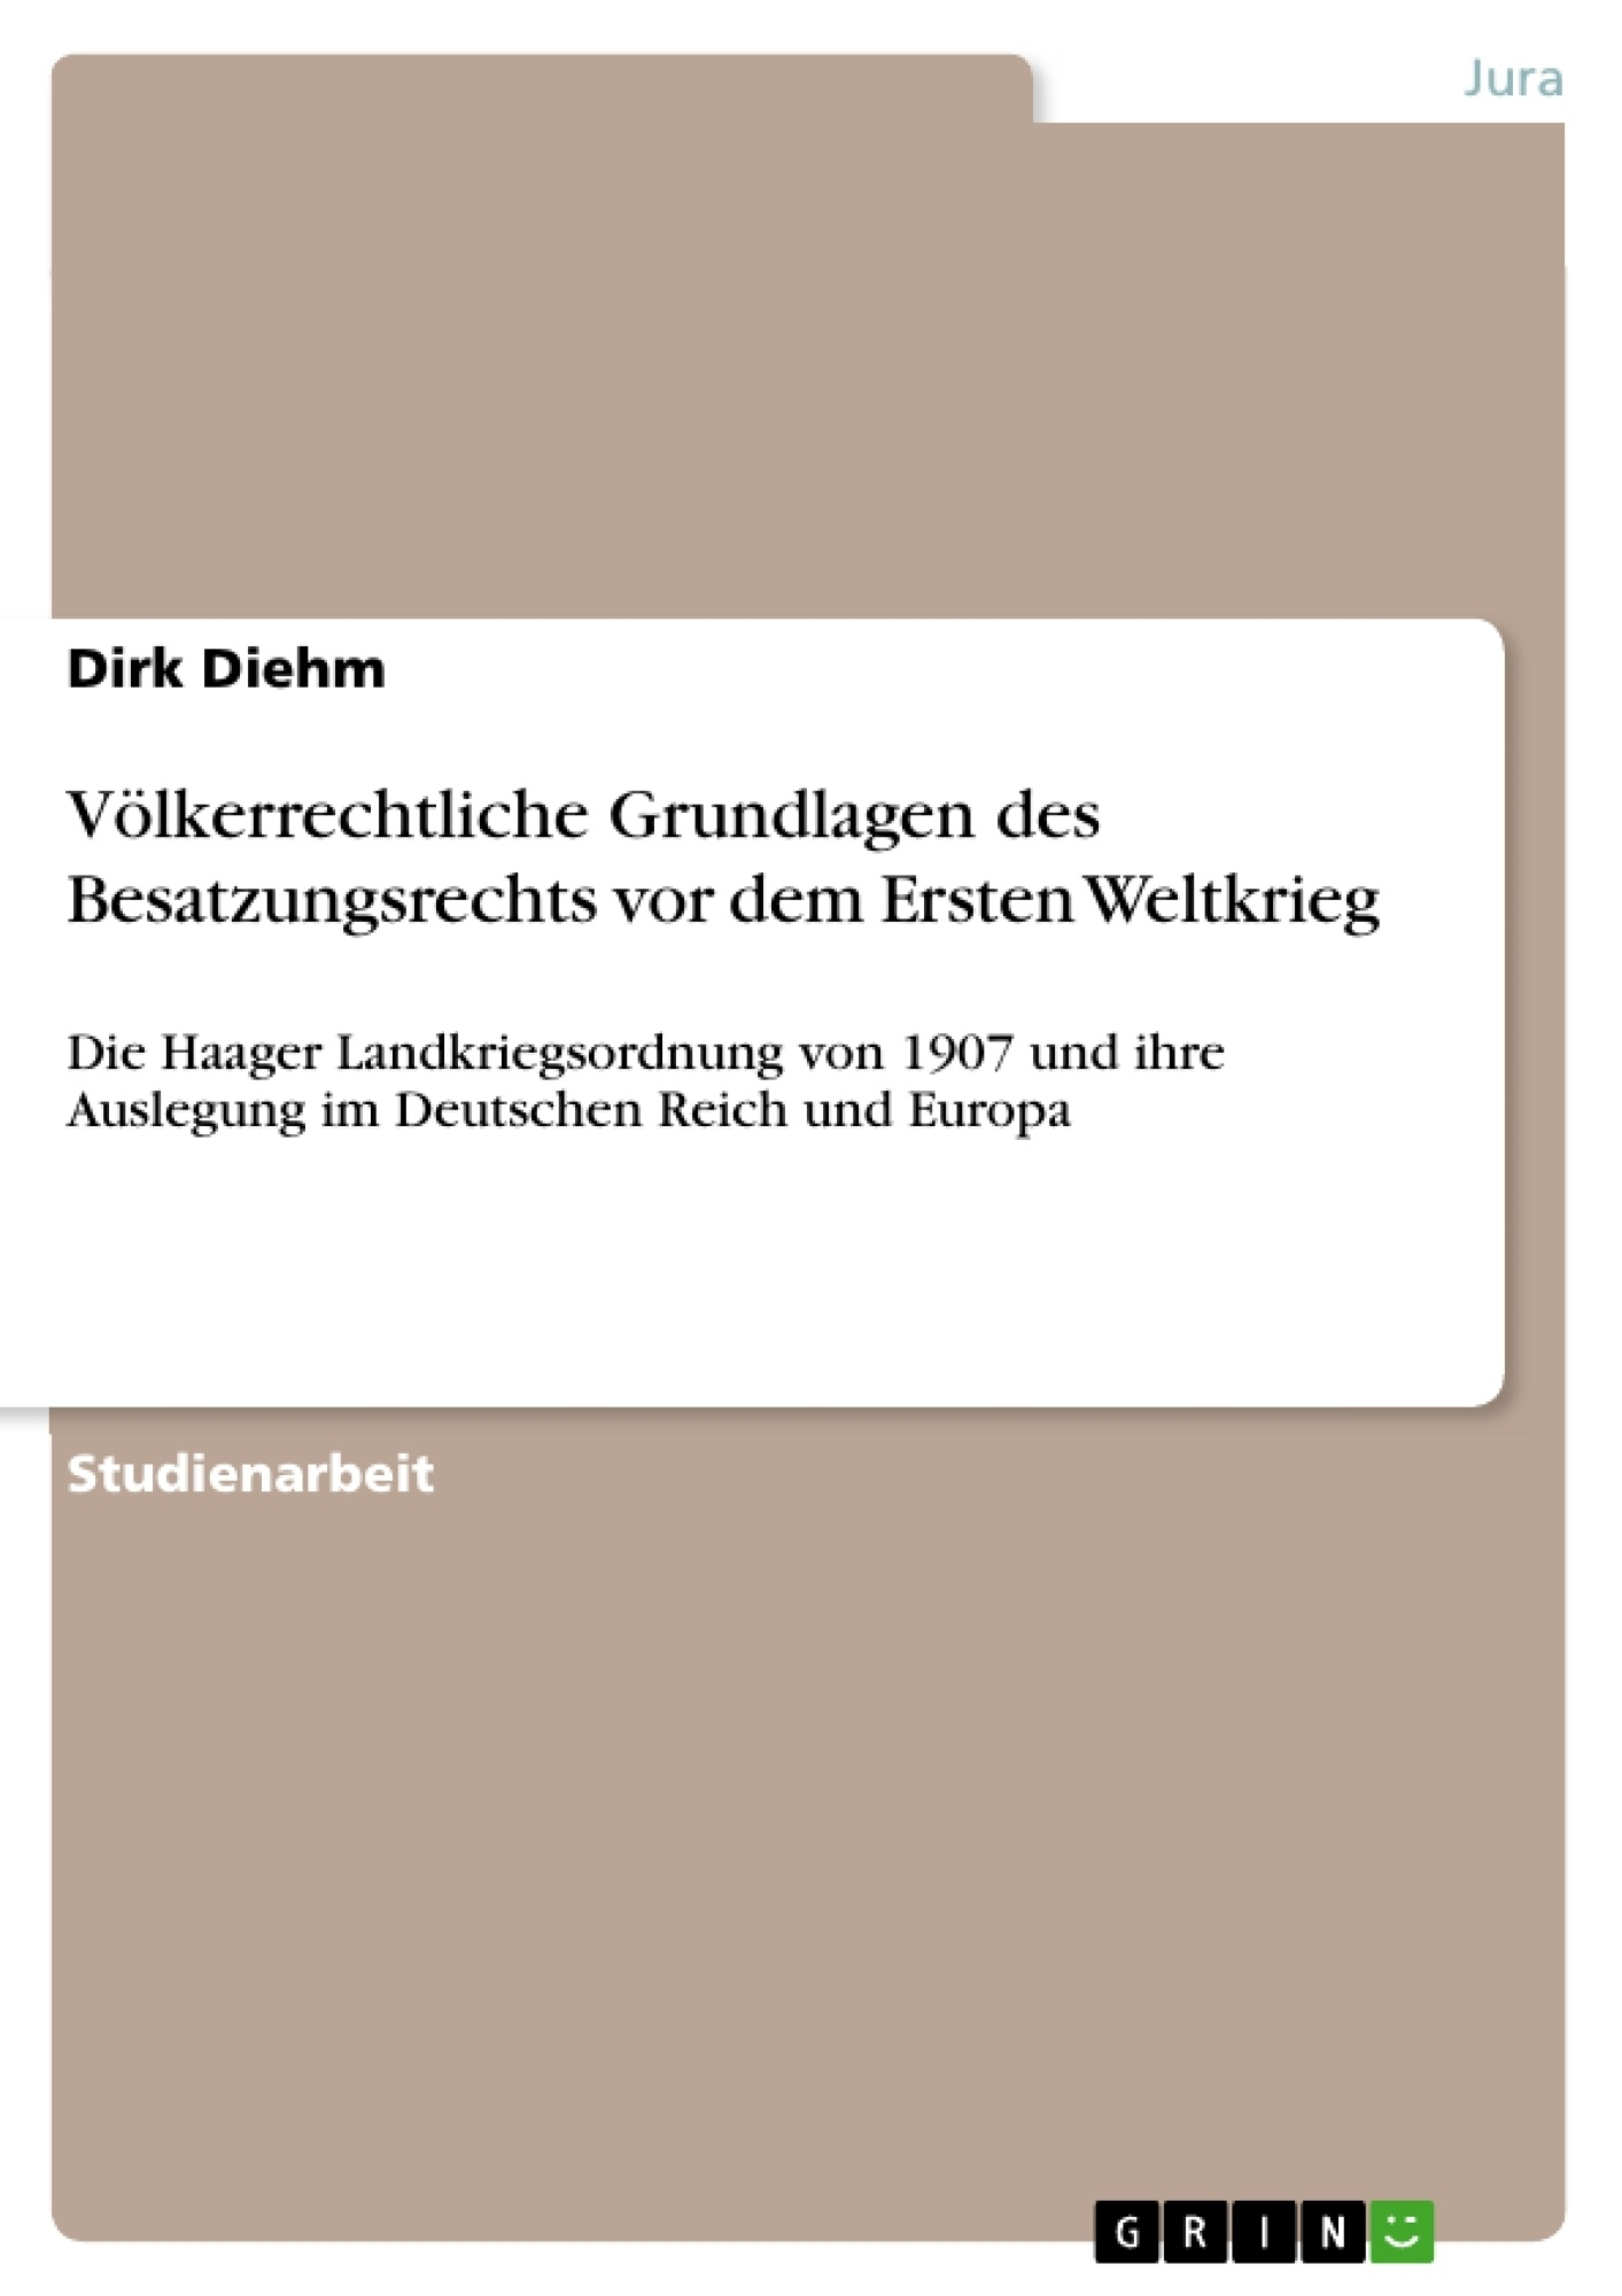 Titel: Völkerrechtliche Grundlagen des Besatzungsrechts vor dem Ersten Weltkrieg